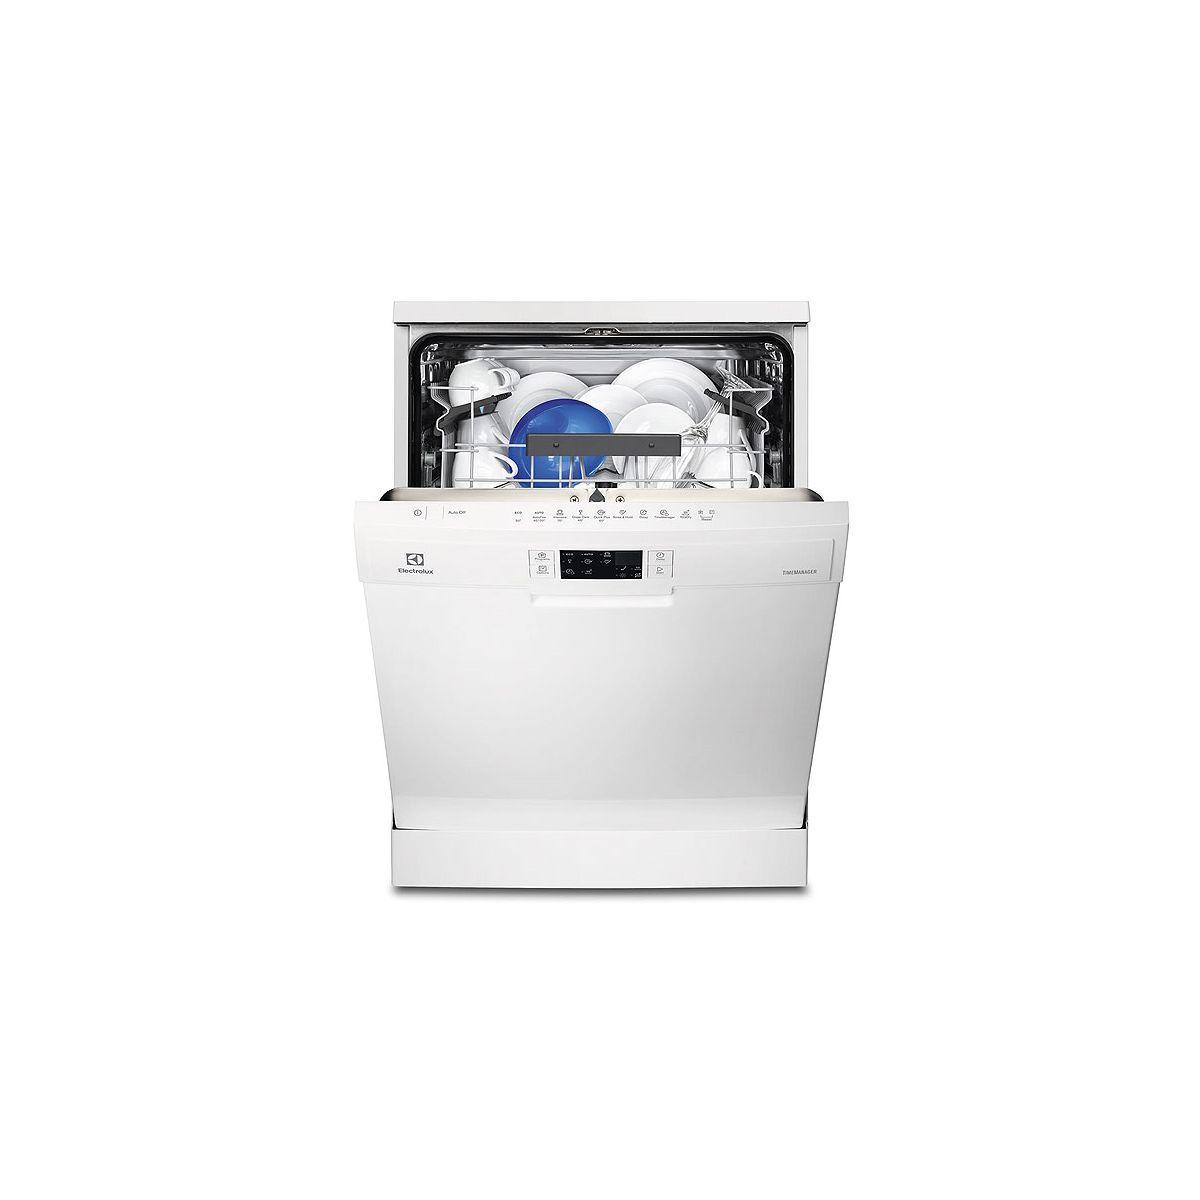 Lave vaisselle 60 cm electrolux esf5545low - 15% de remise imm�diate avec le code : gam15 (photo)